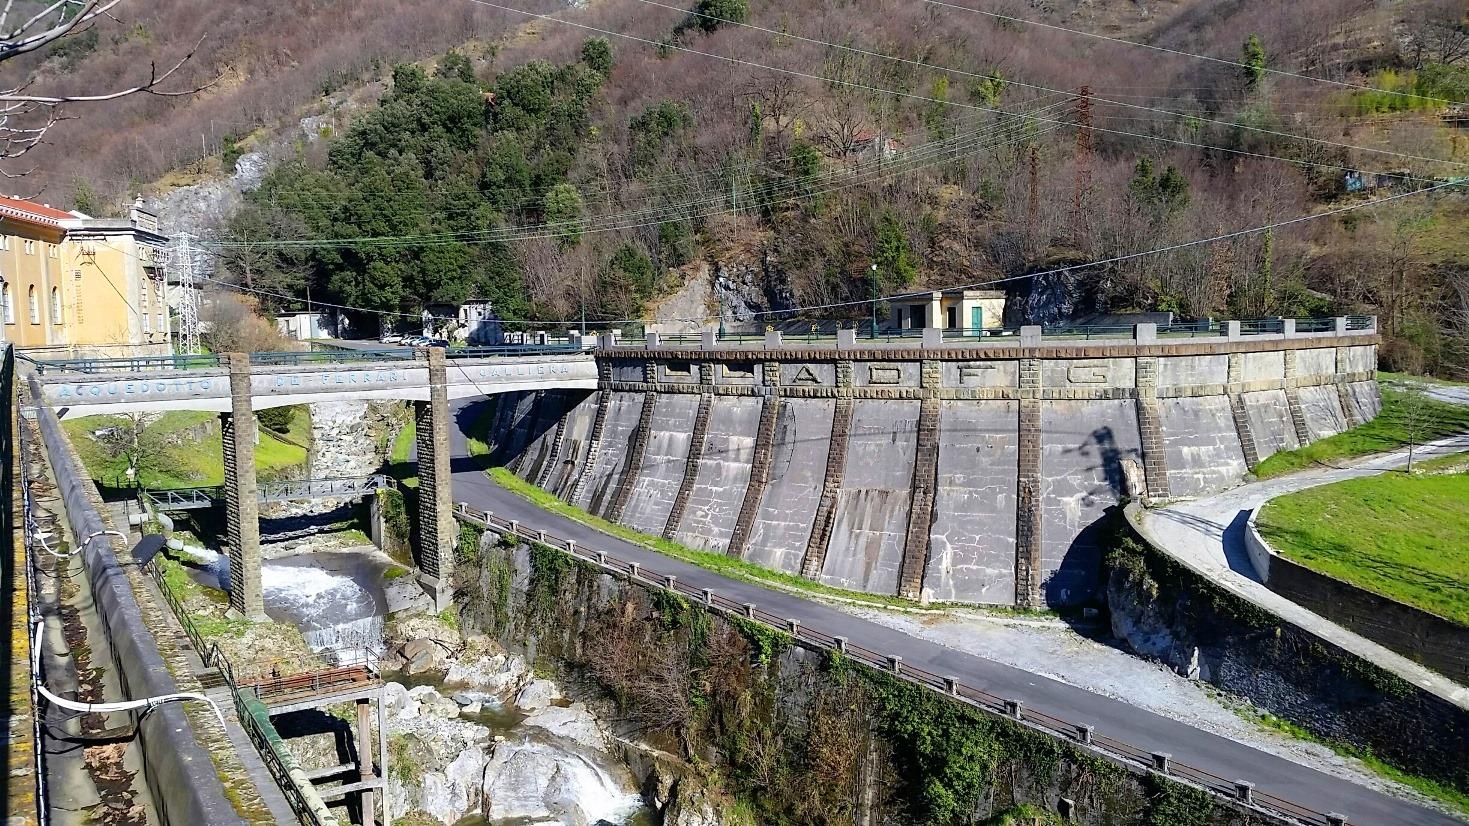 Centrale Idroelettrica di Isoverde - foto di Aquae Giorgio Temporelli